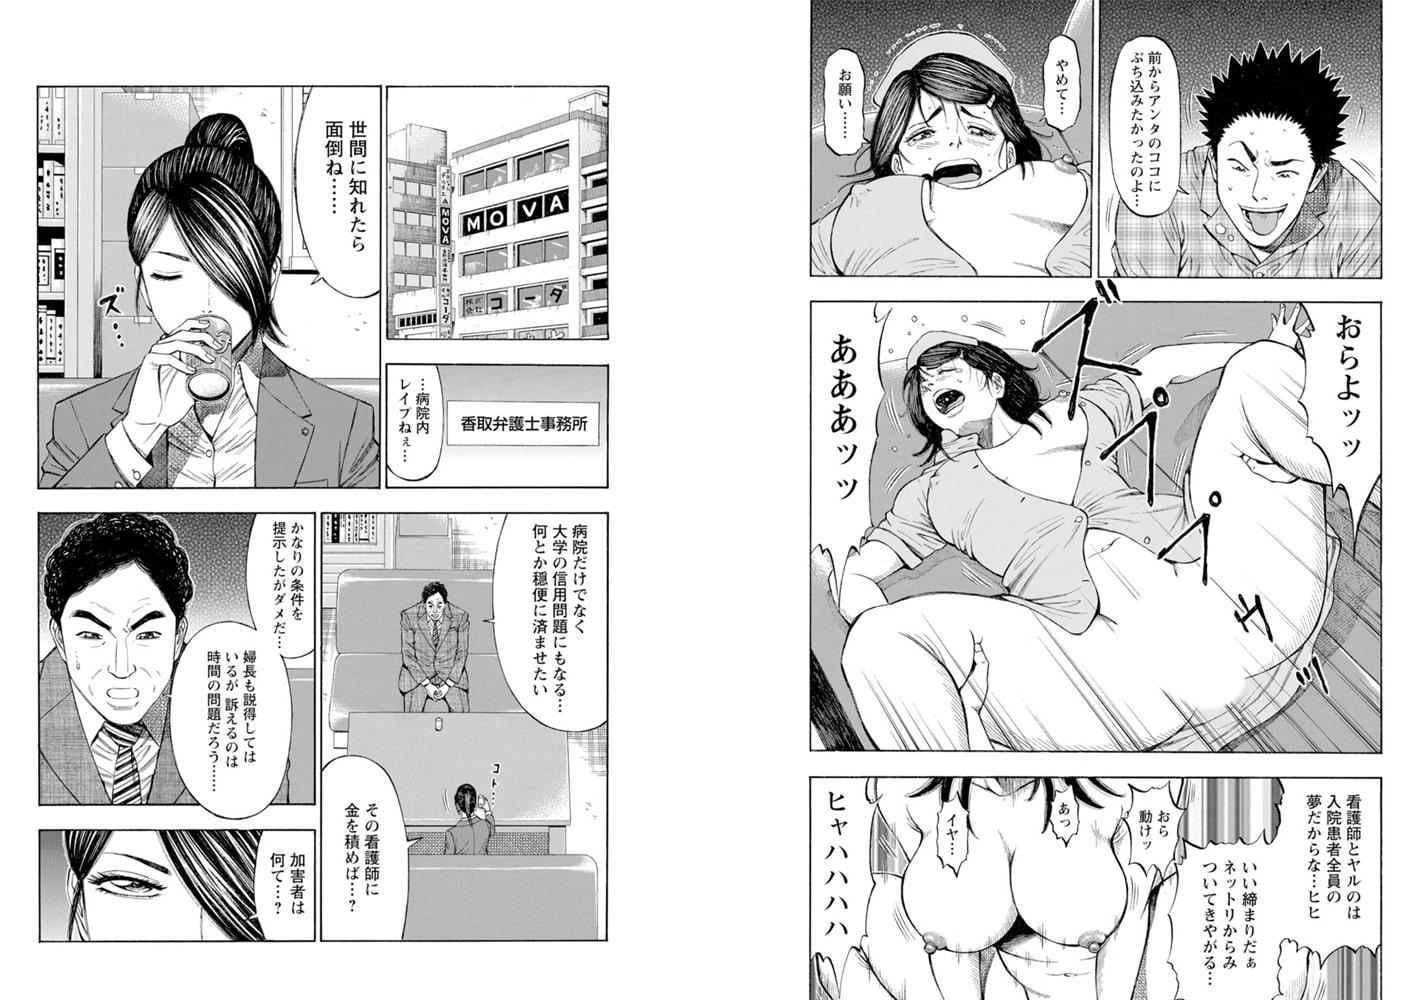 ムリヤリ和姦で懲役0年 -女弁護士セックス調査- 2巻